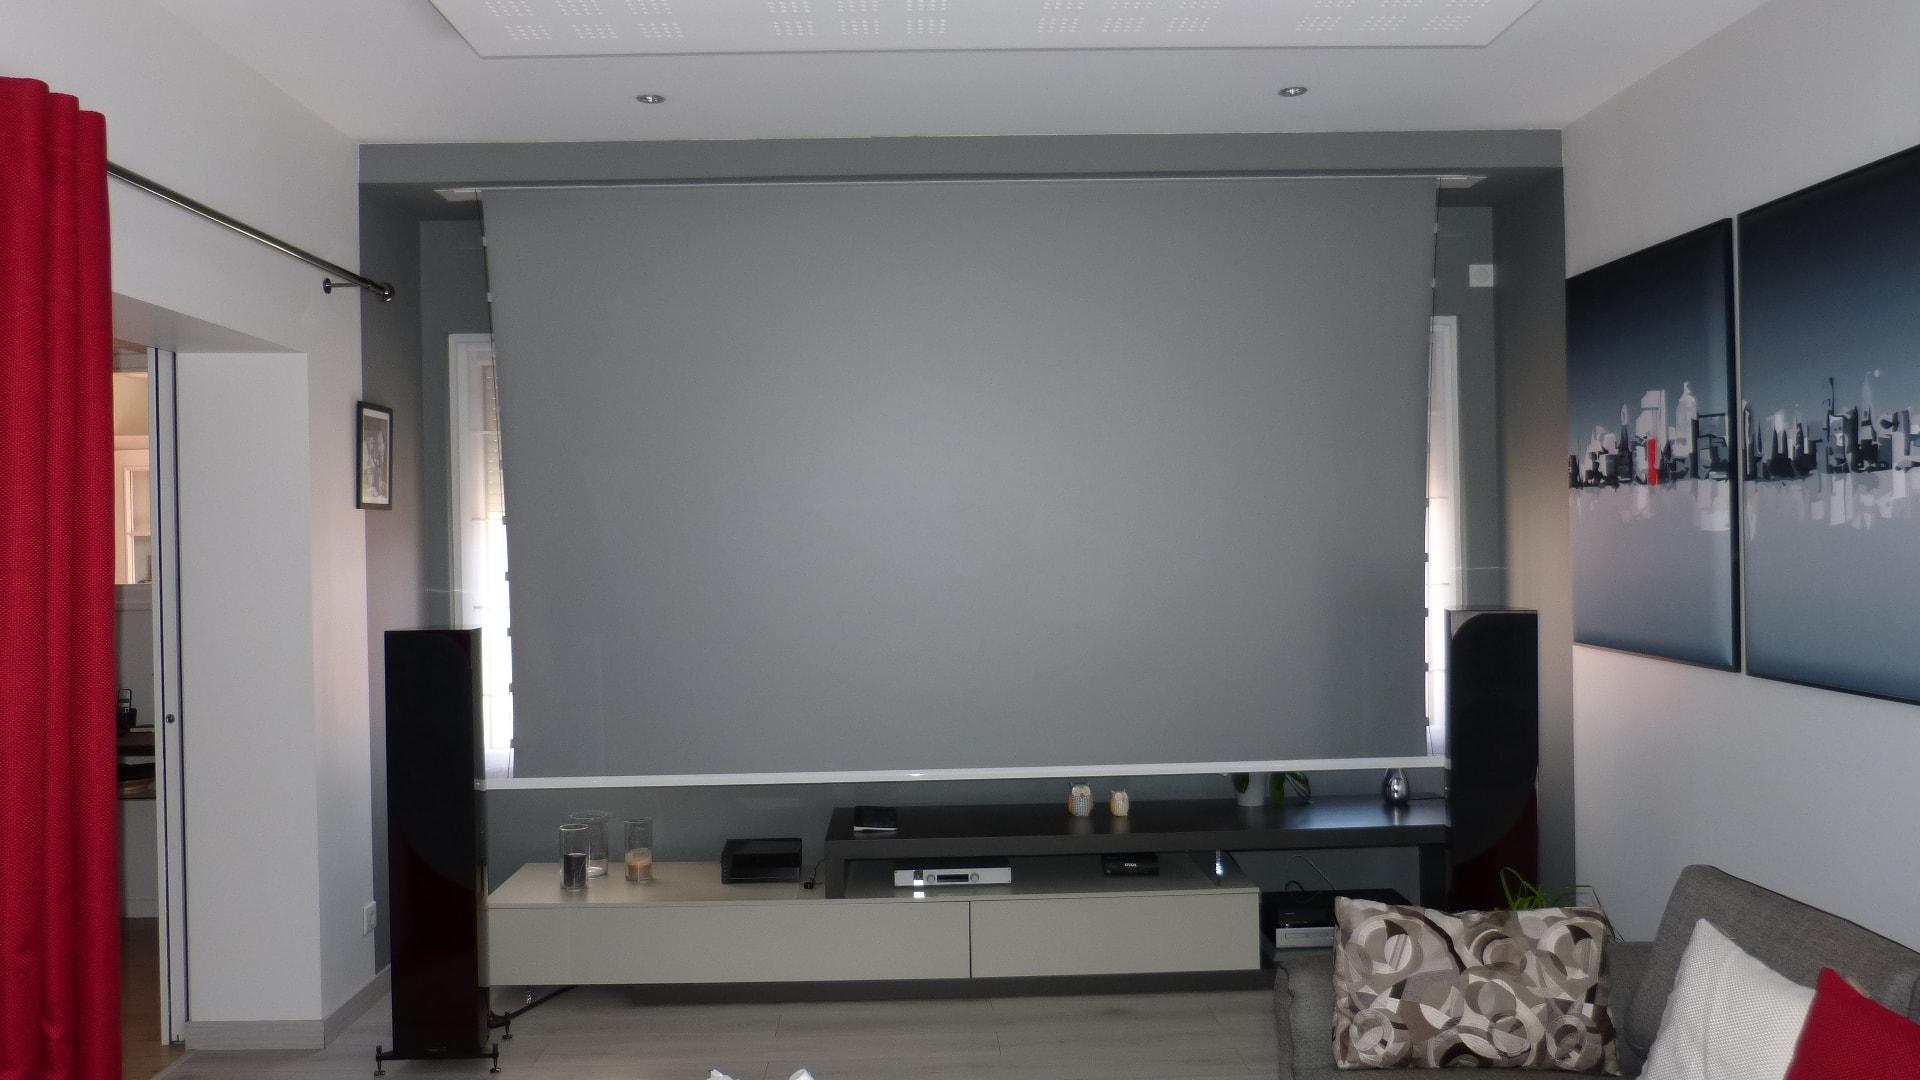 Comment Cacher Fils Tv Murale comment installer un vidéoprojecteur dans un salon ? - home